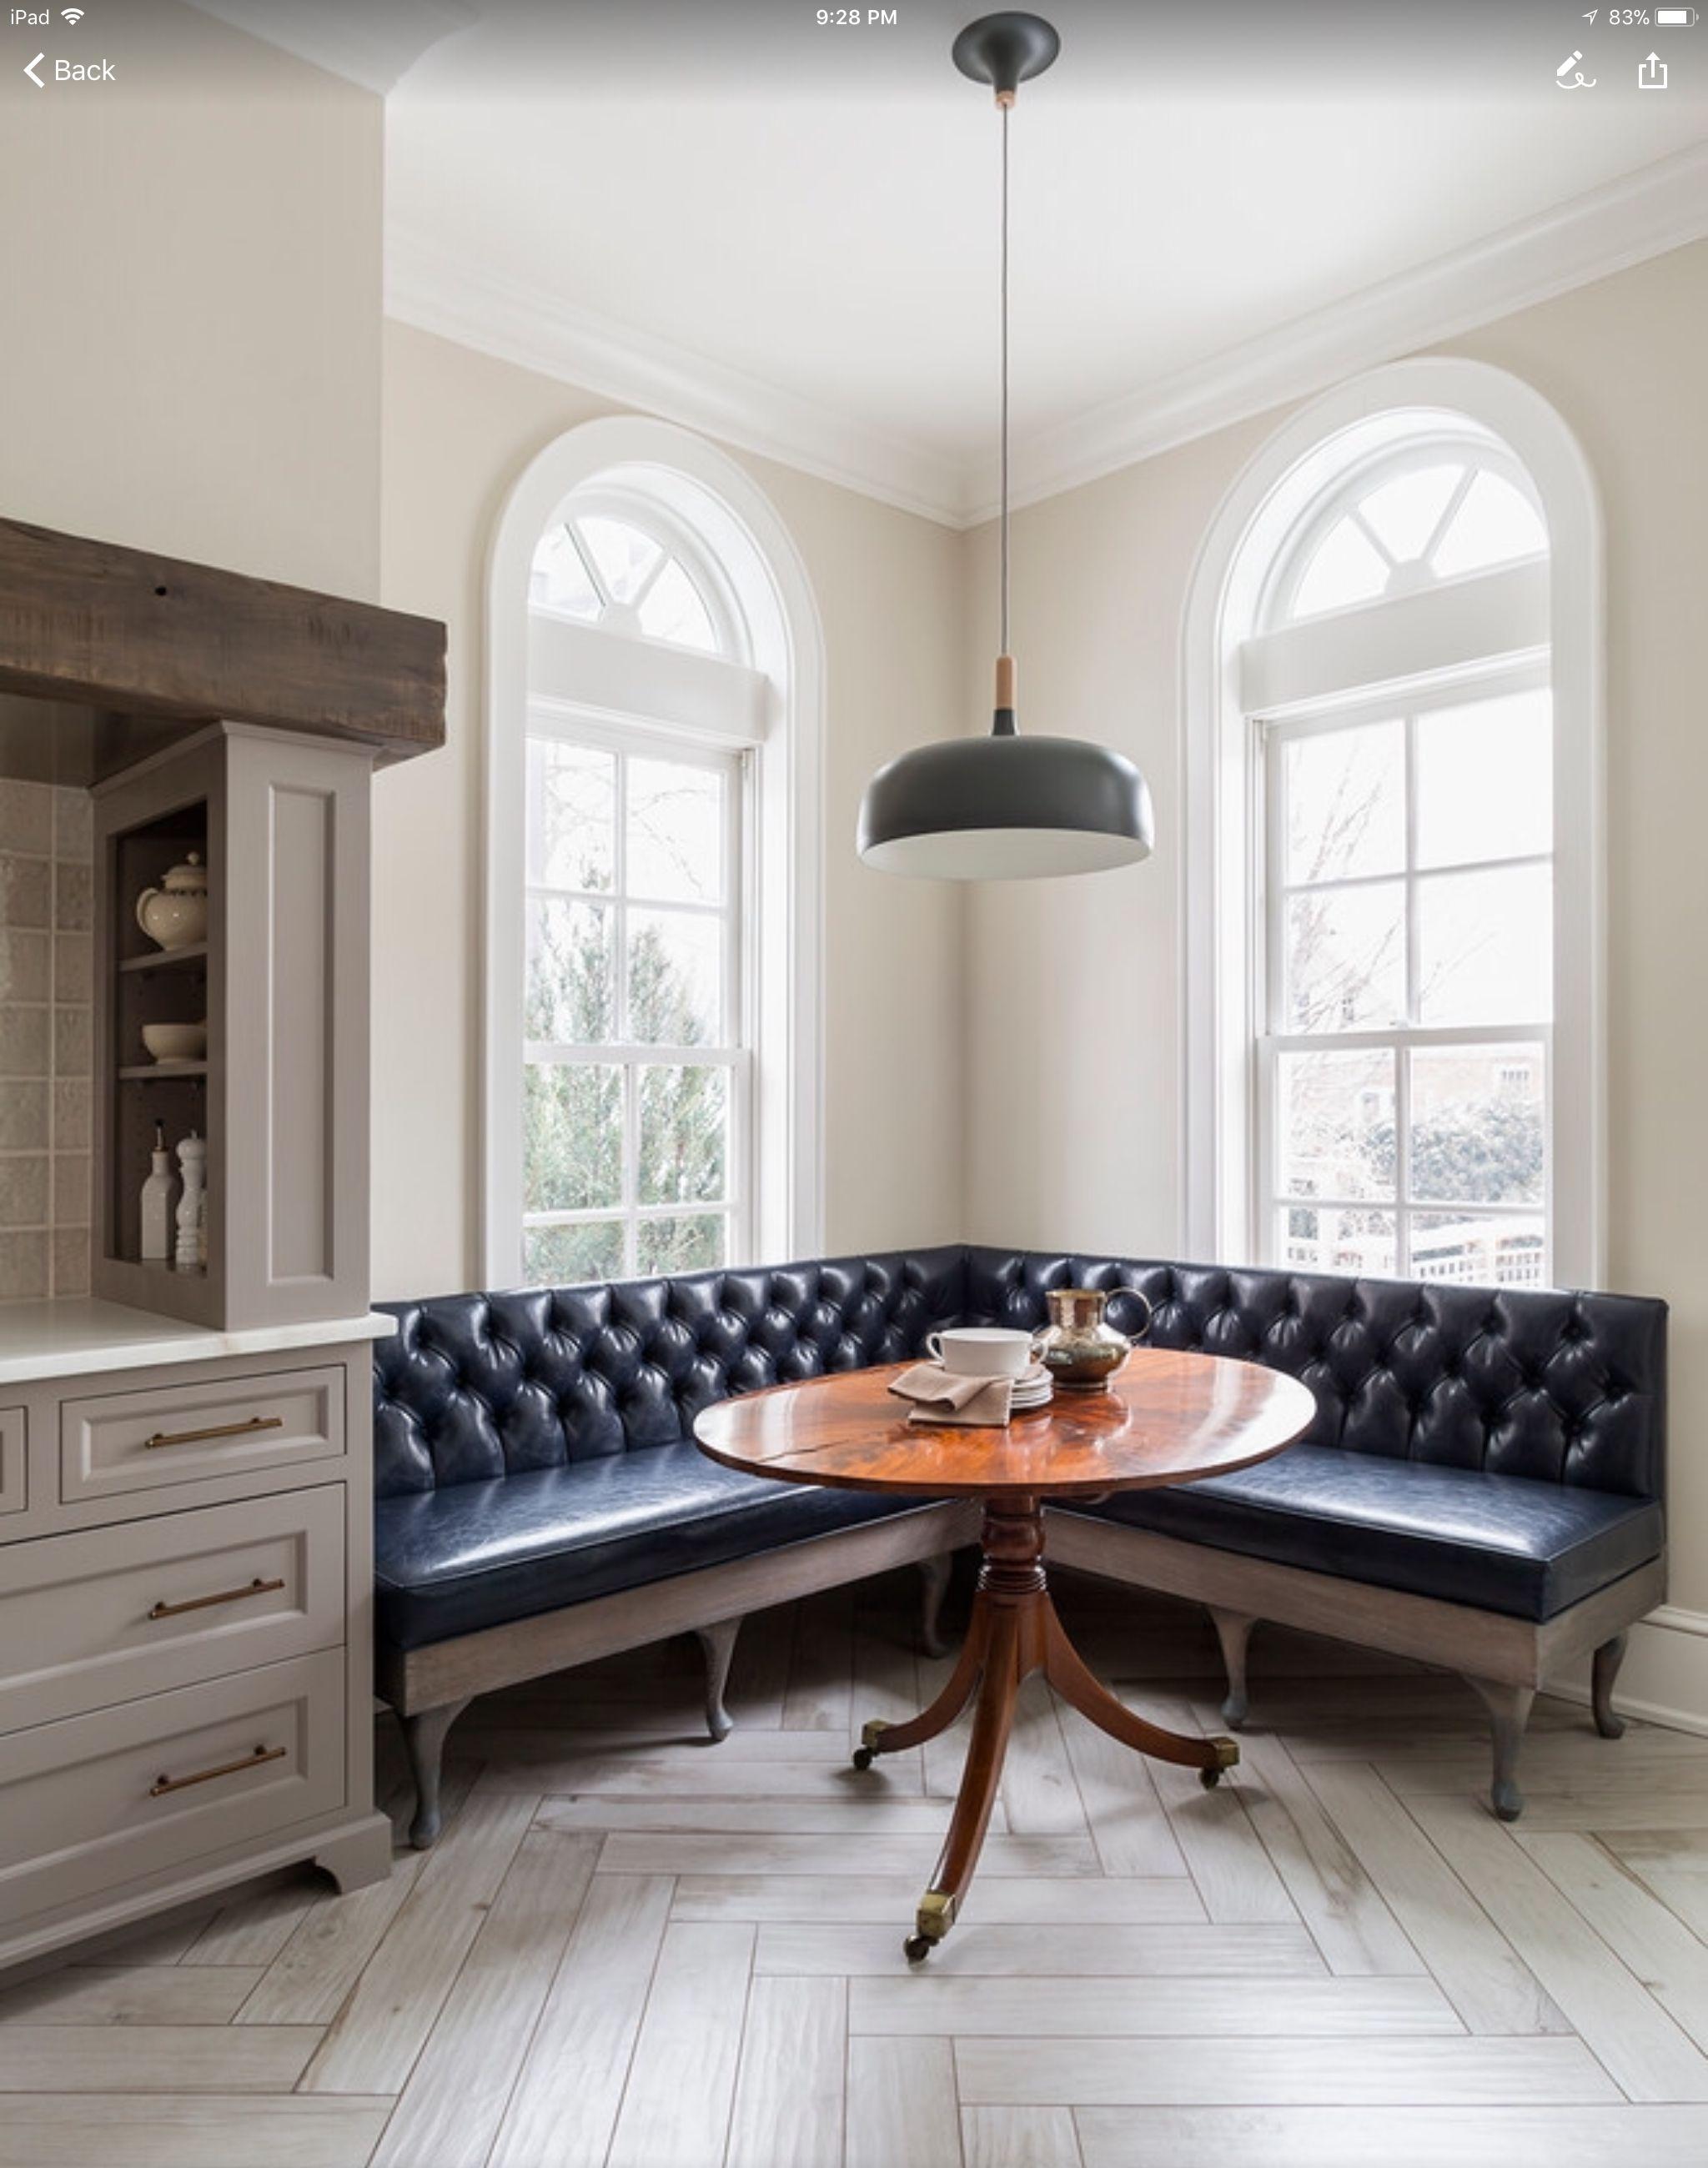 Dining room | Dining room | Pinterest